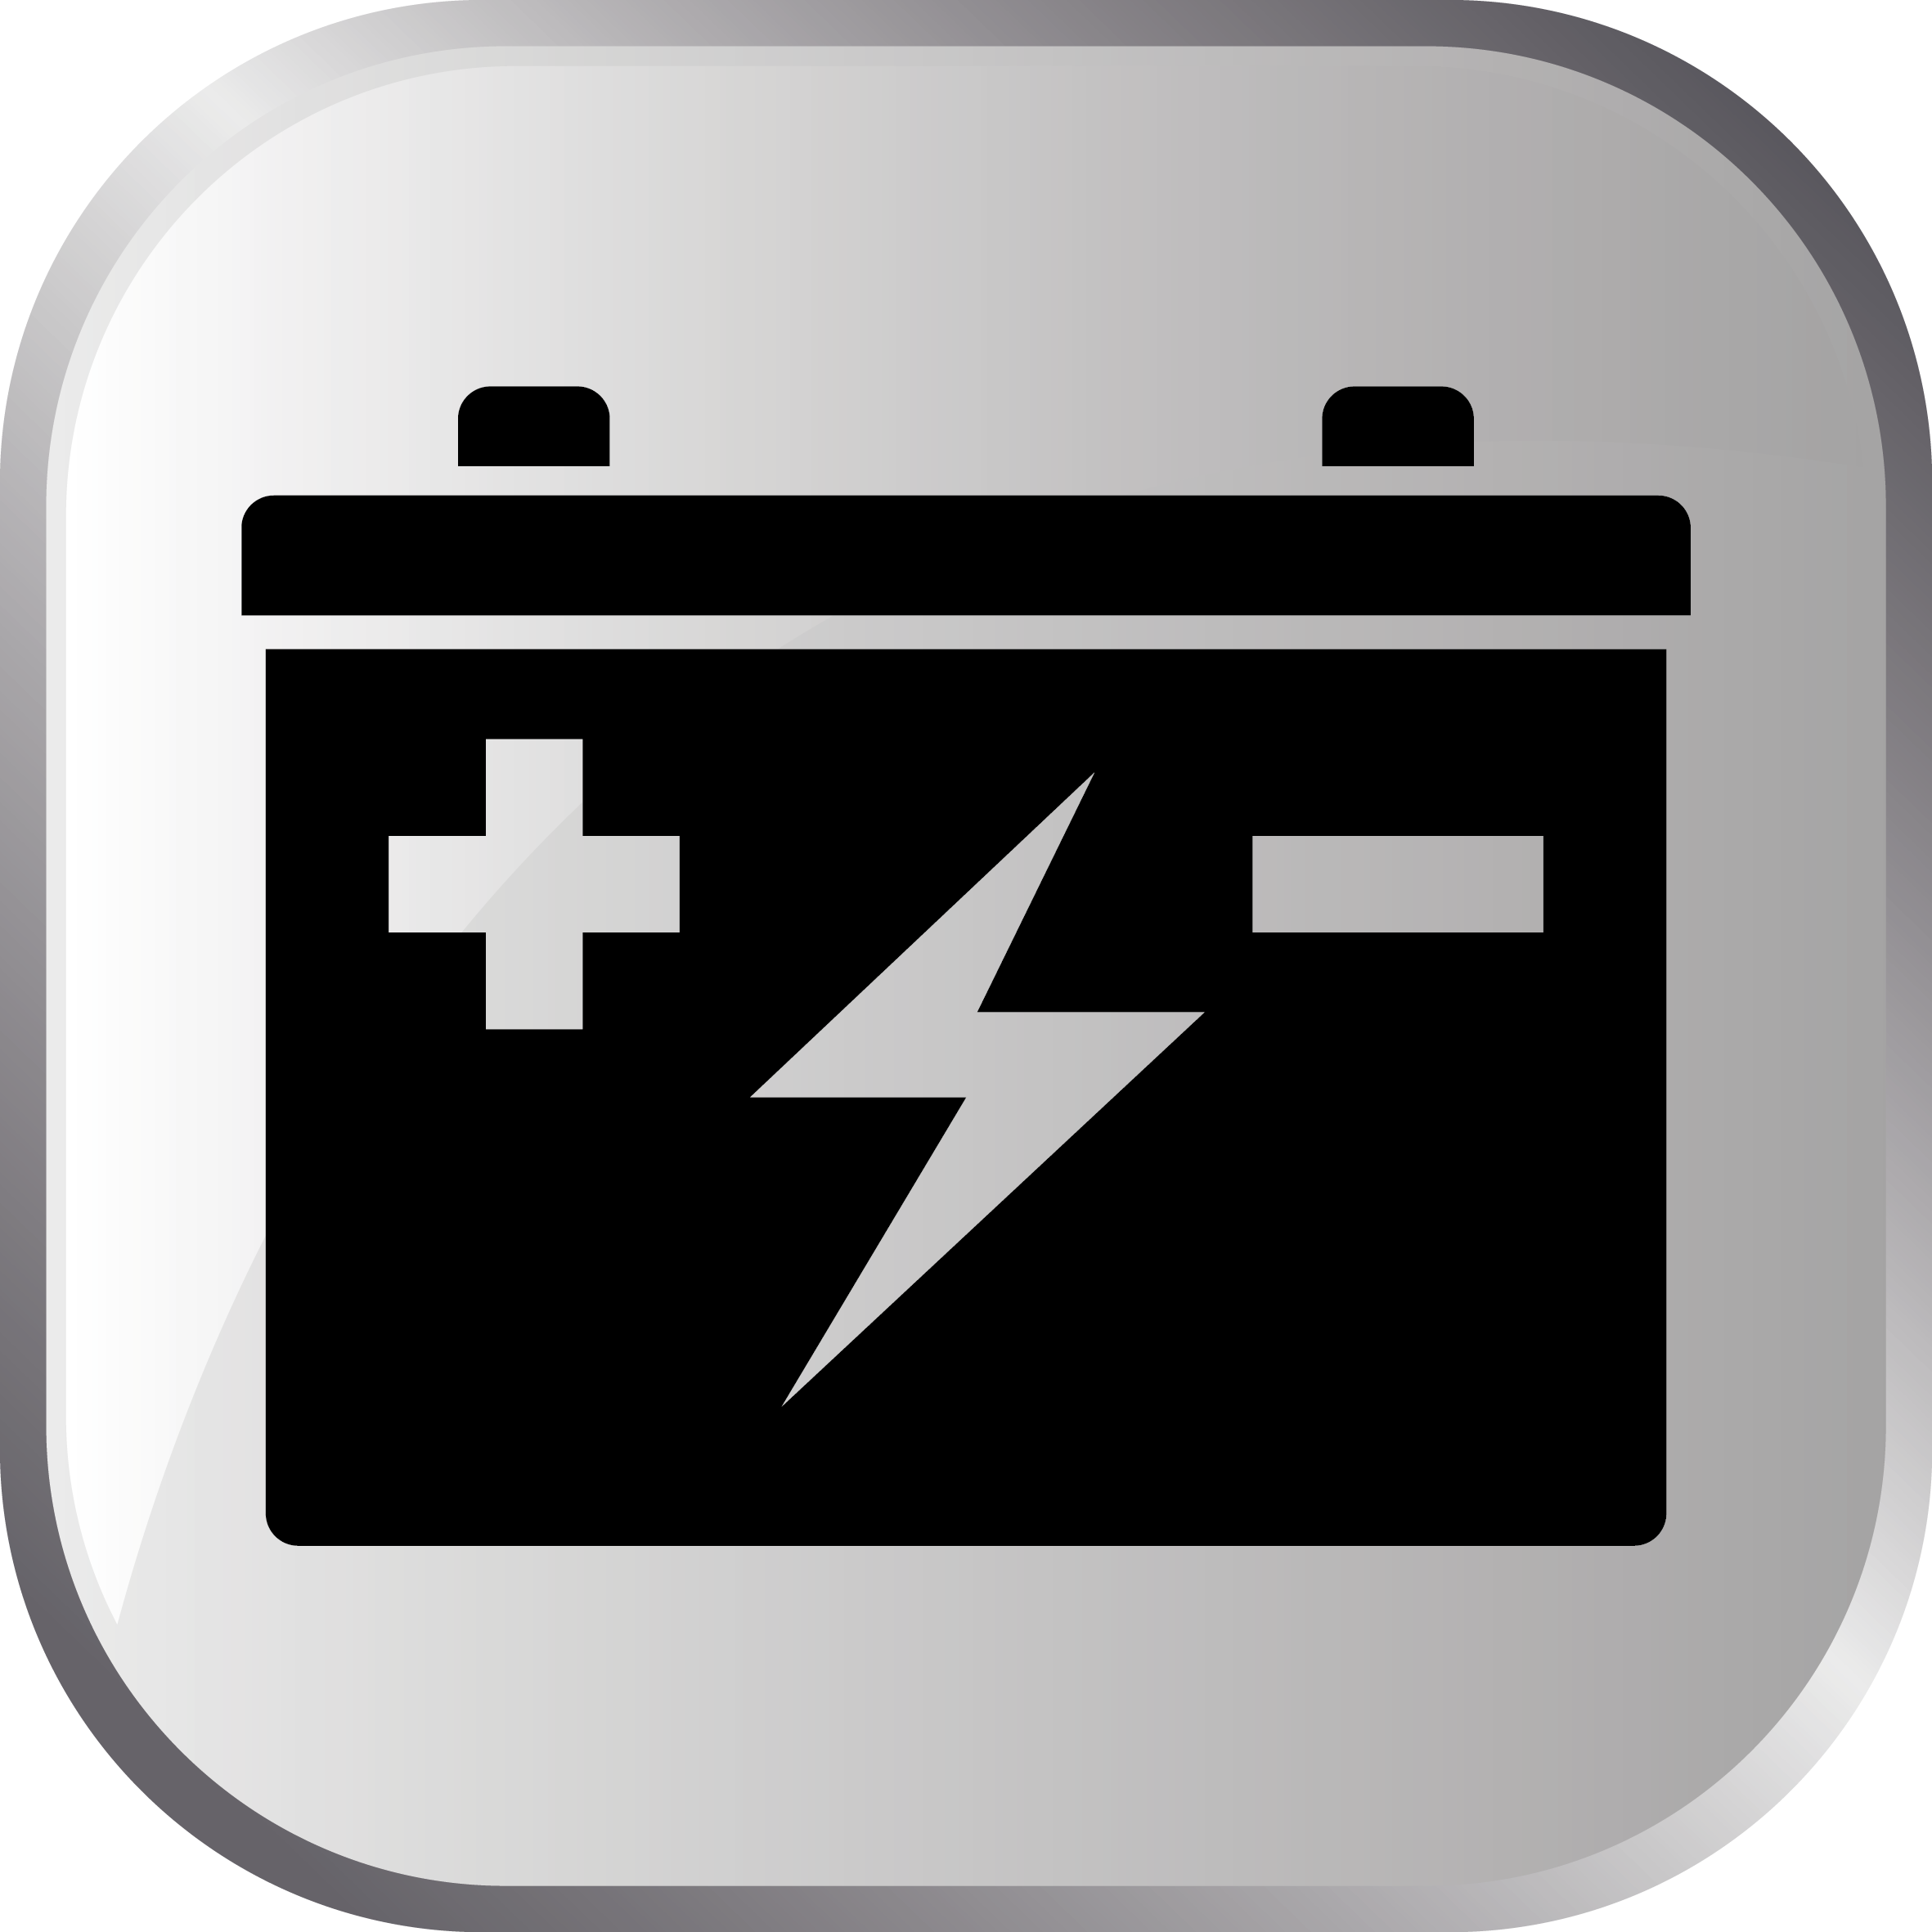 Sähkö- ja elektroniikkatyöt -